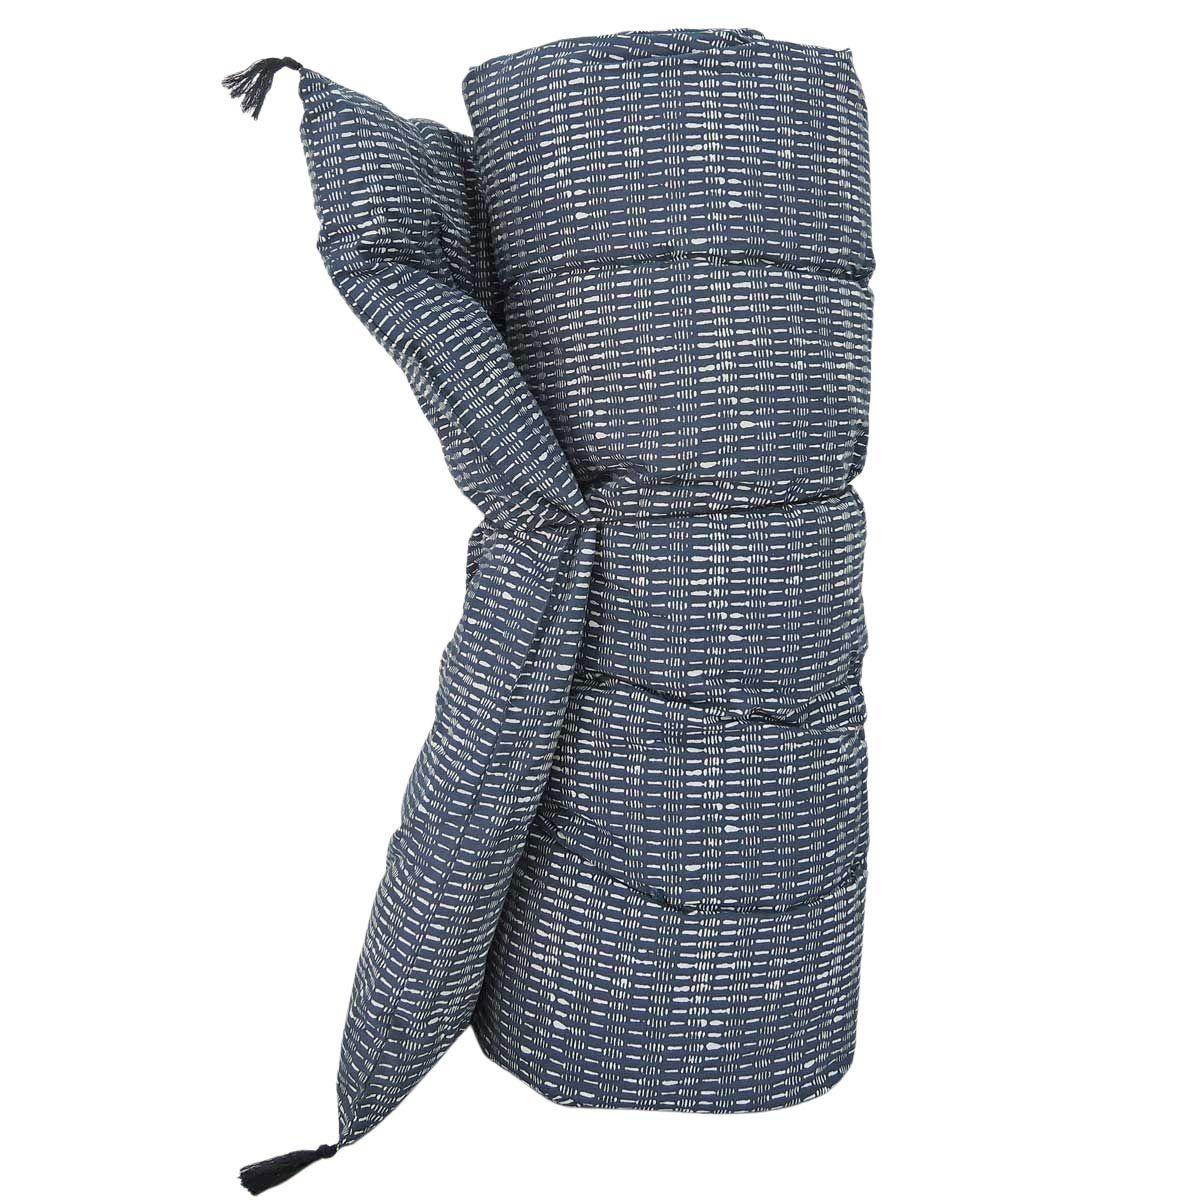 Edredon sur-matelas coton imprimé bleu